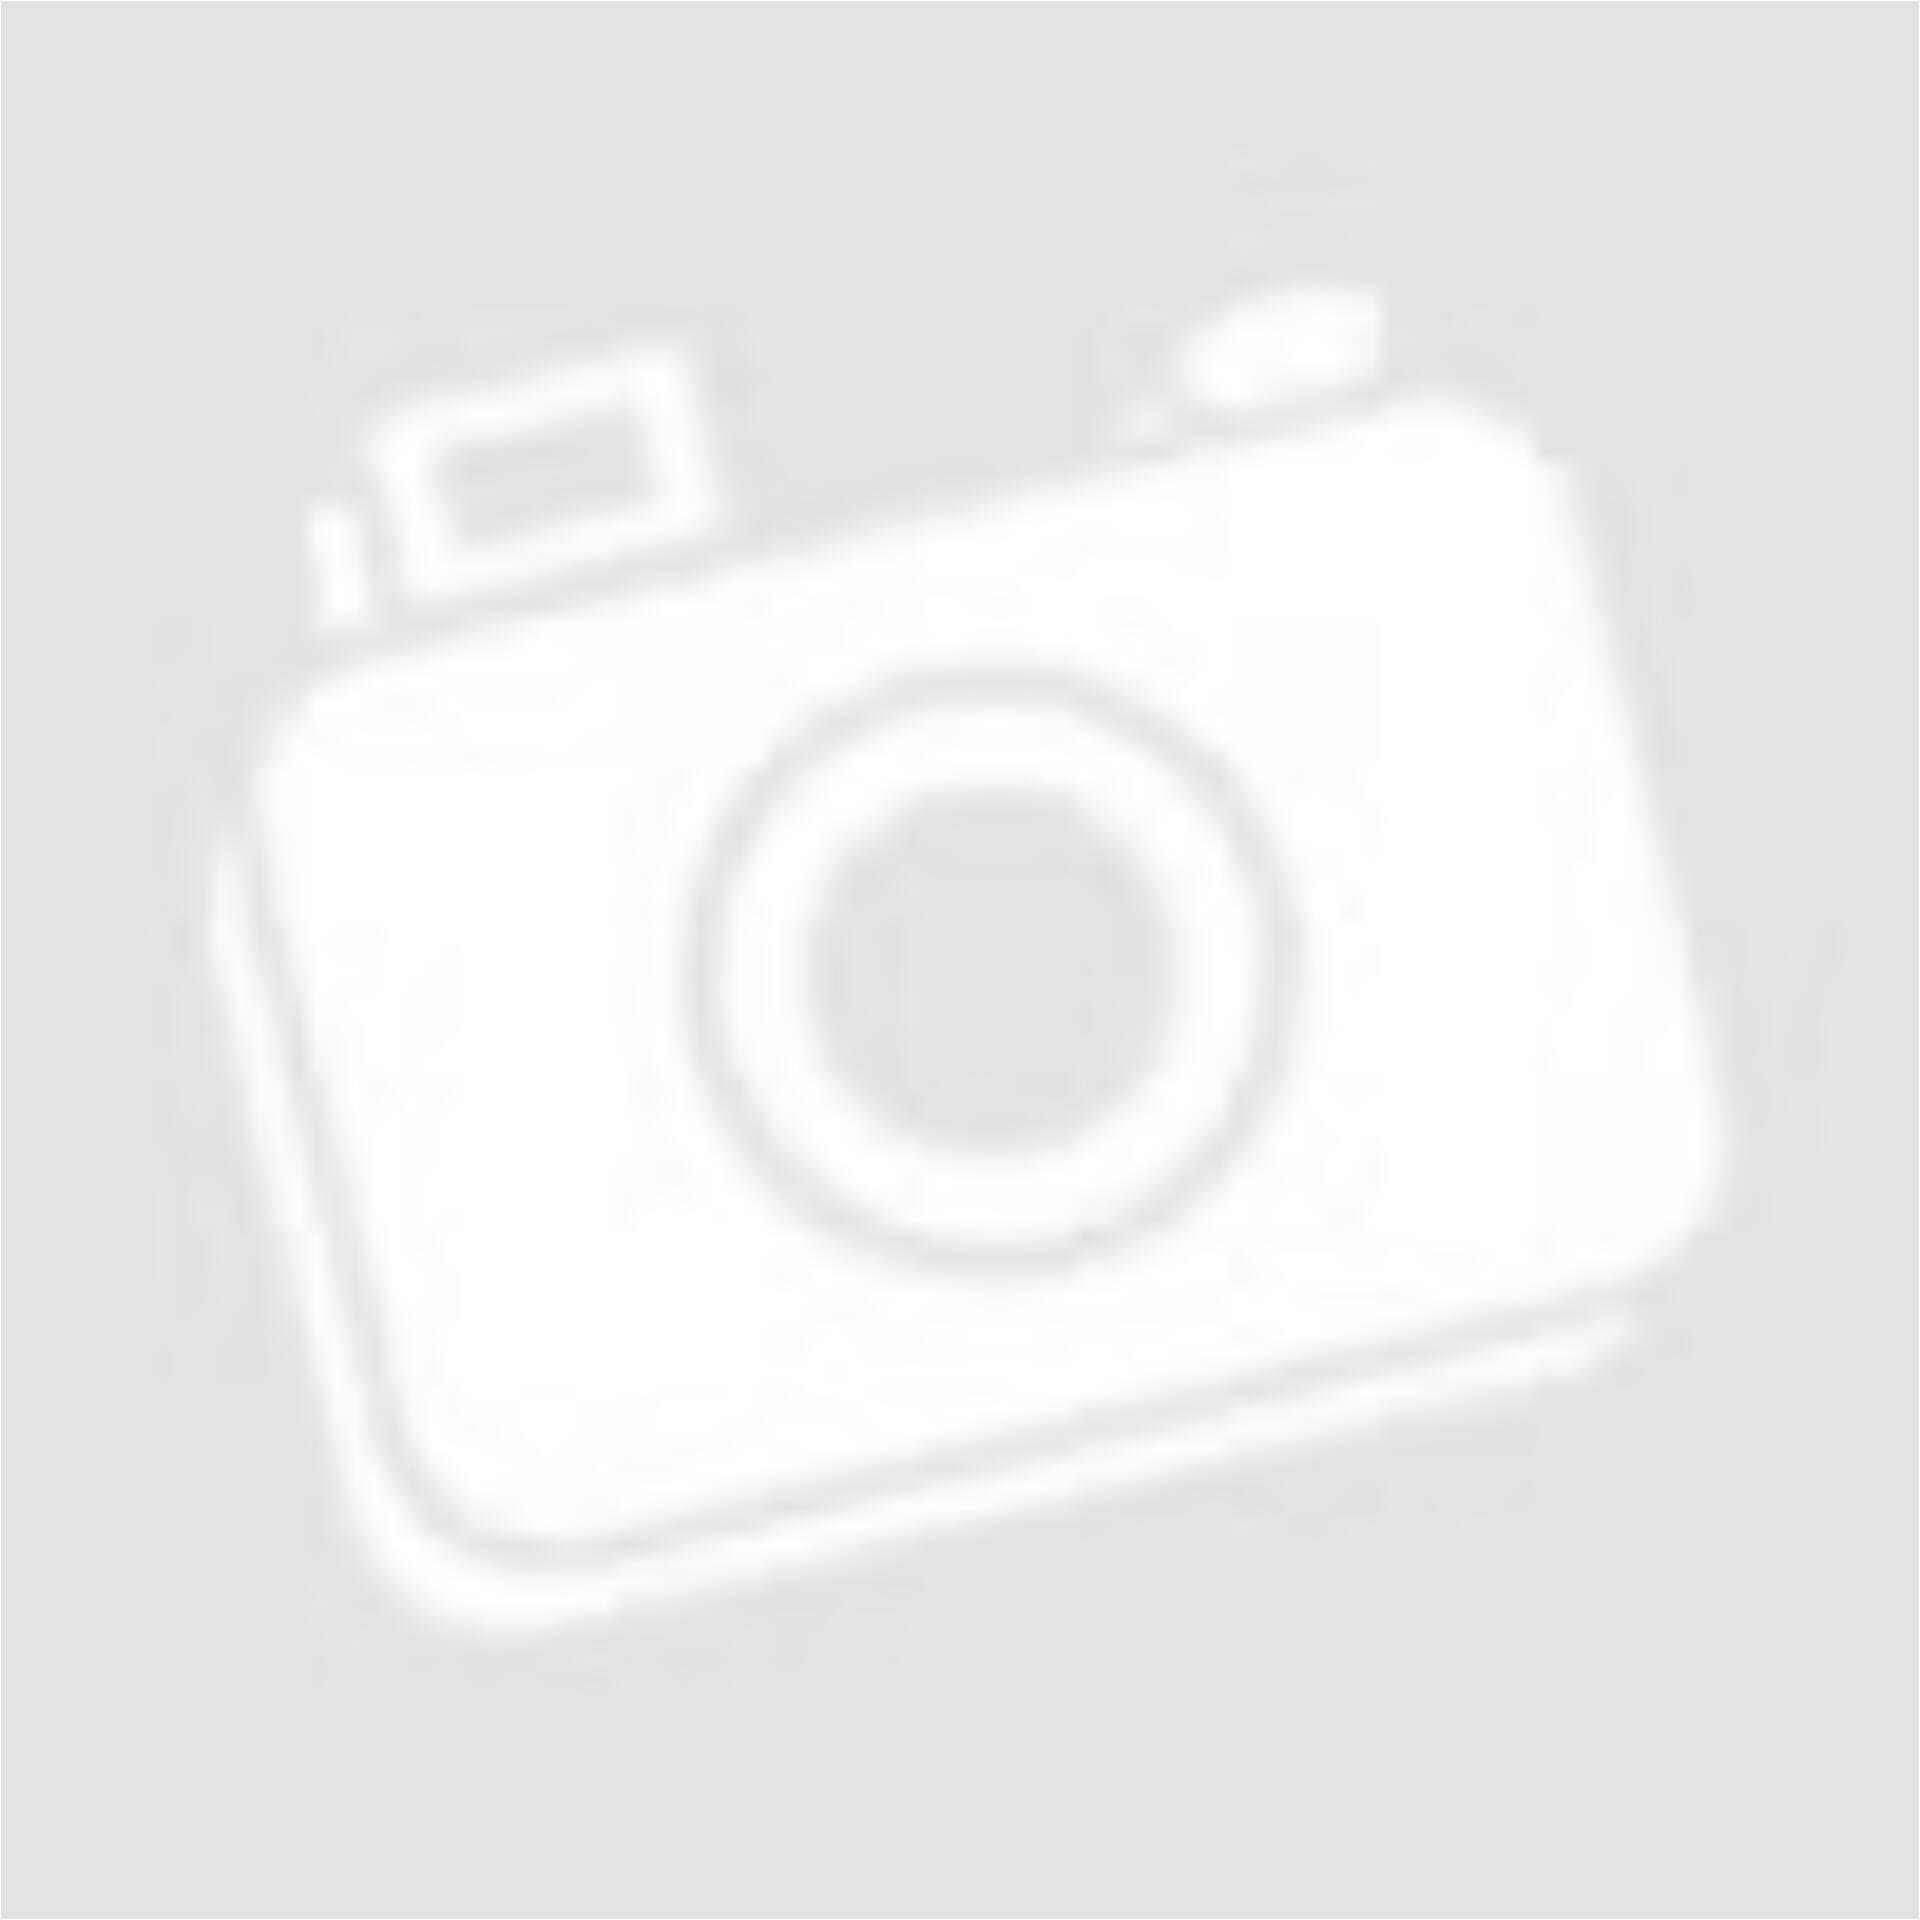 08436dca36 Kép 1/2 - TCM bézs-kék-fehér színű apró kockás férfi ing (Méret: XL)